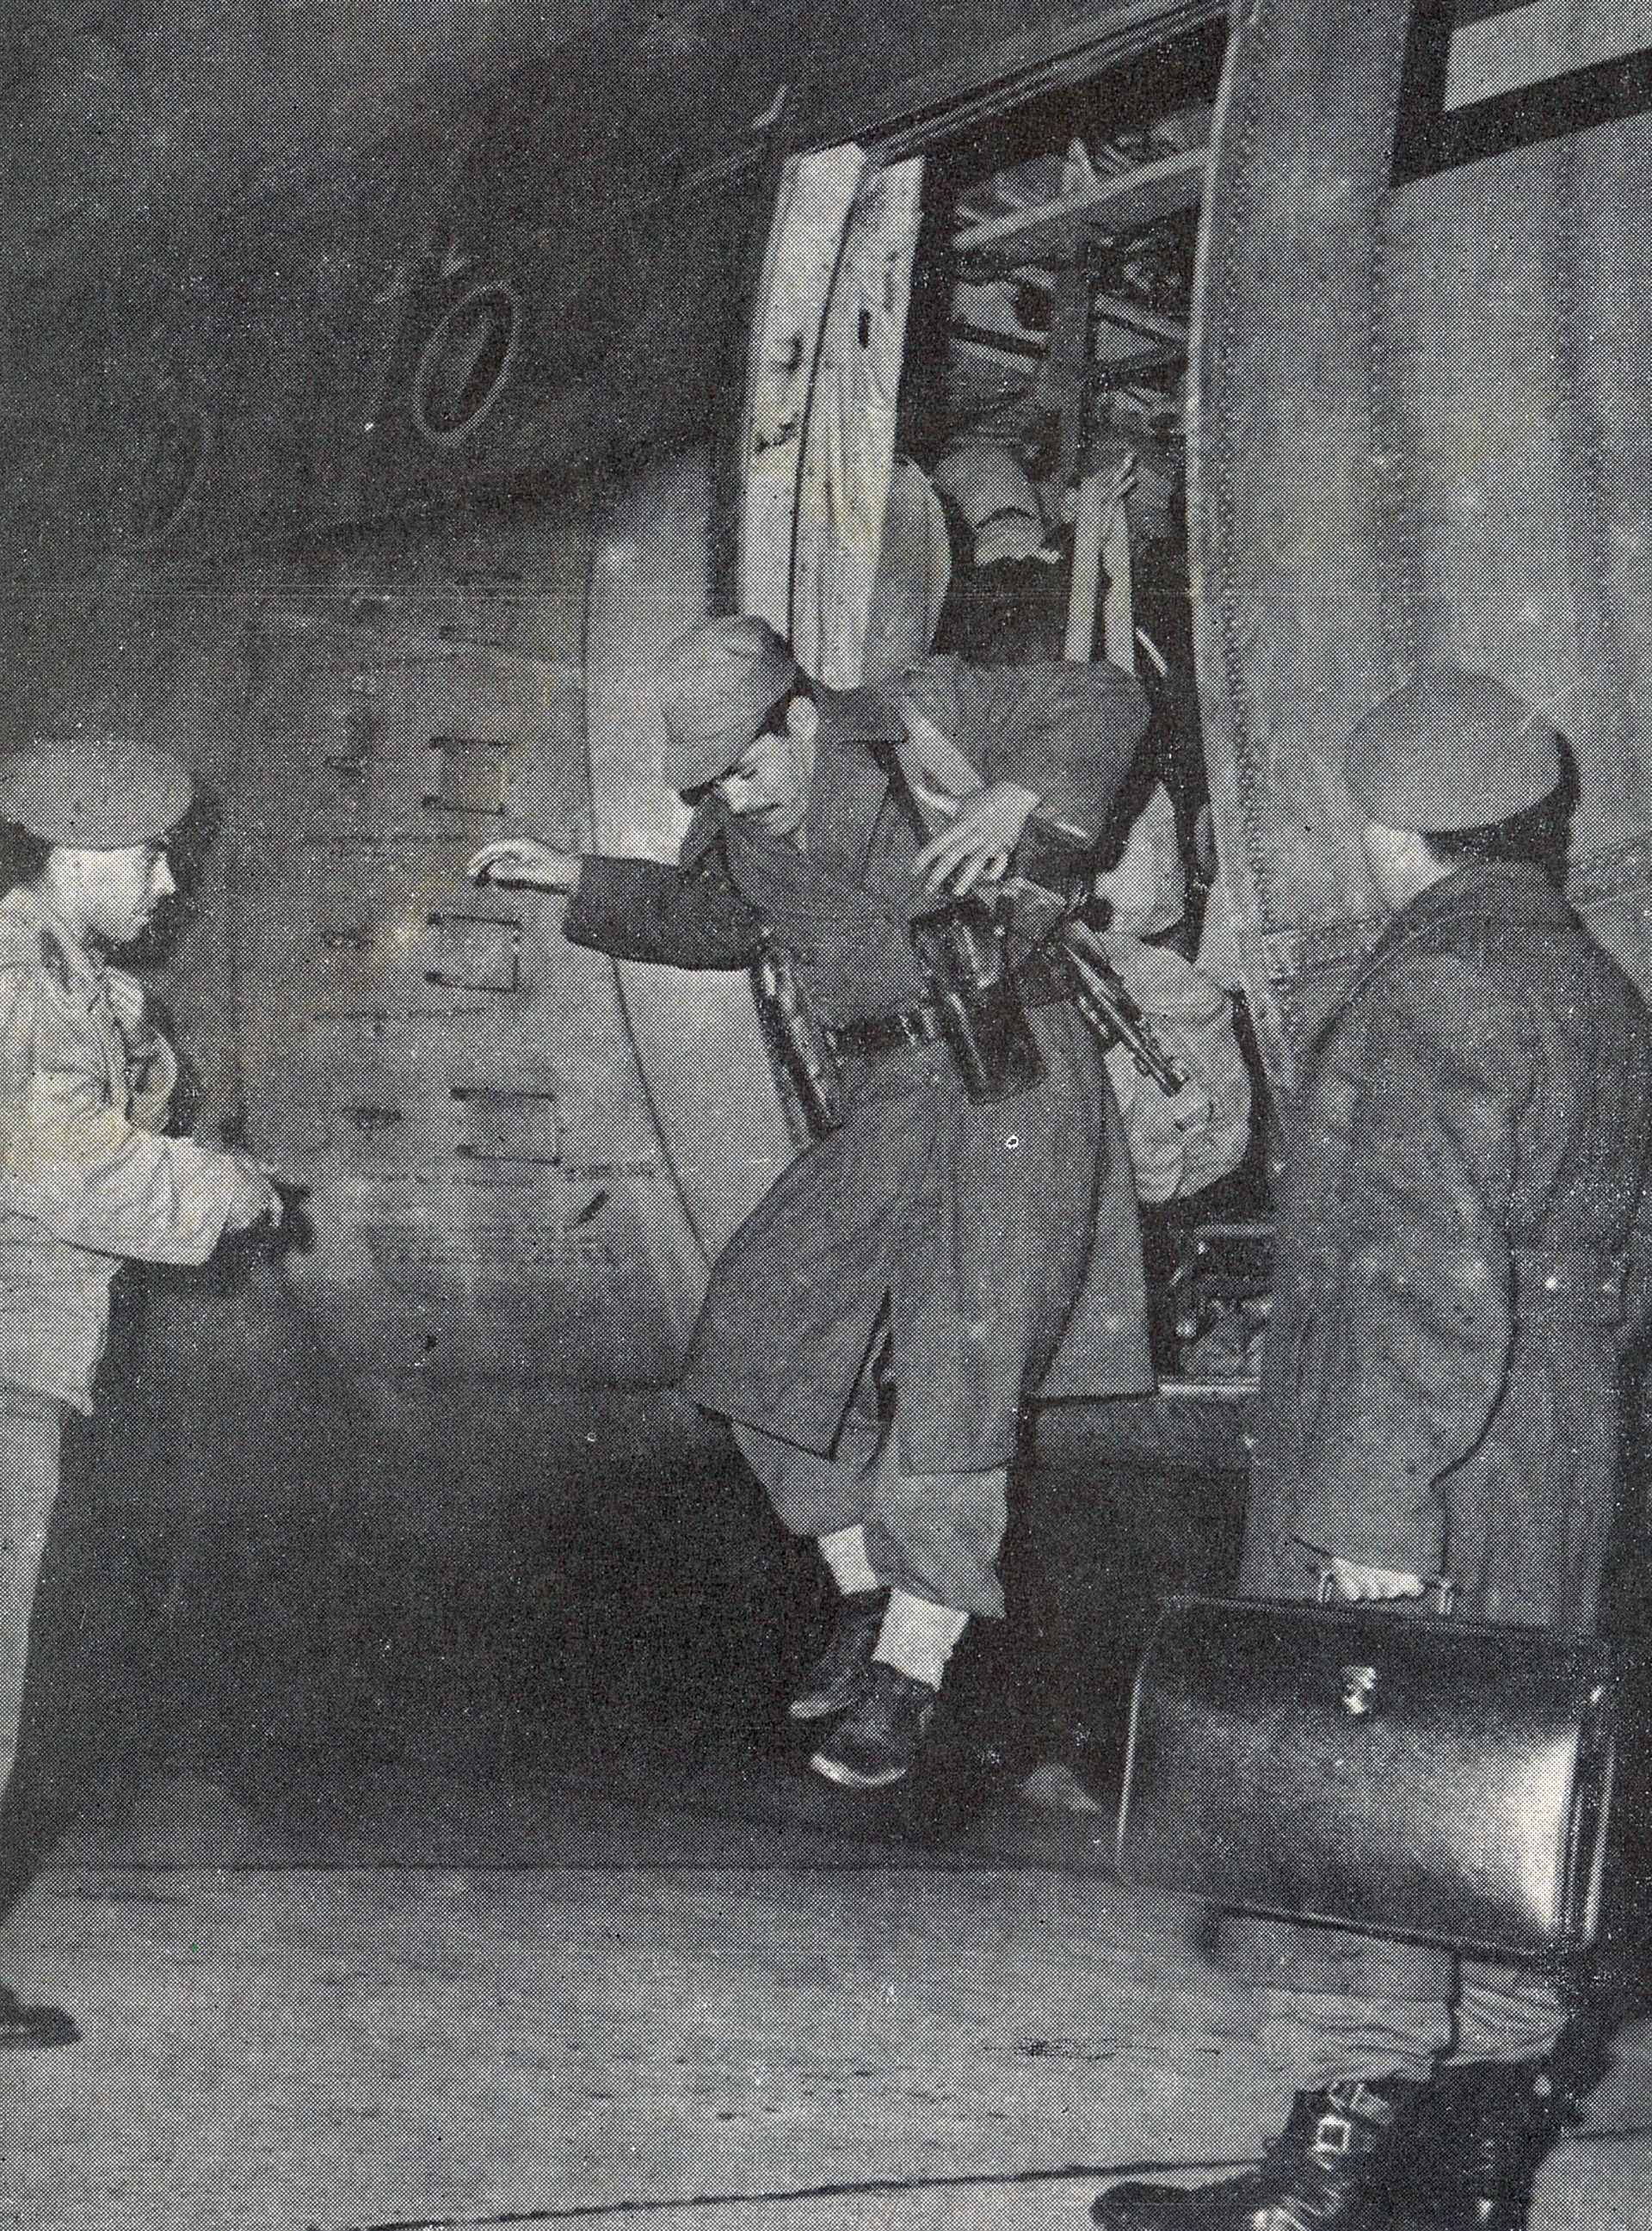 Les Forces Armées Royales au Congo - ONUC - 1960/61 31535612303_731323be56_o